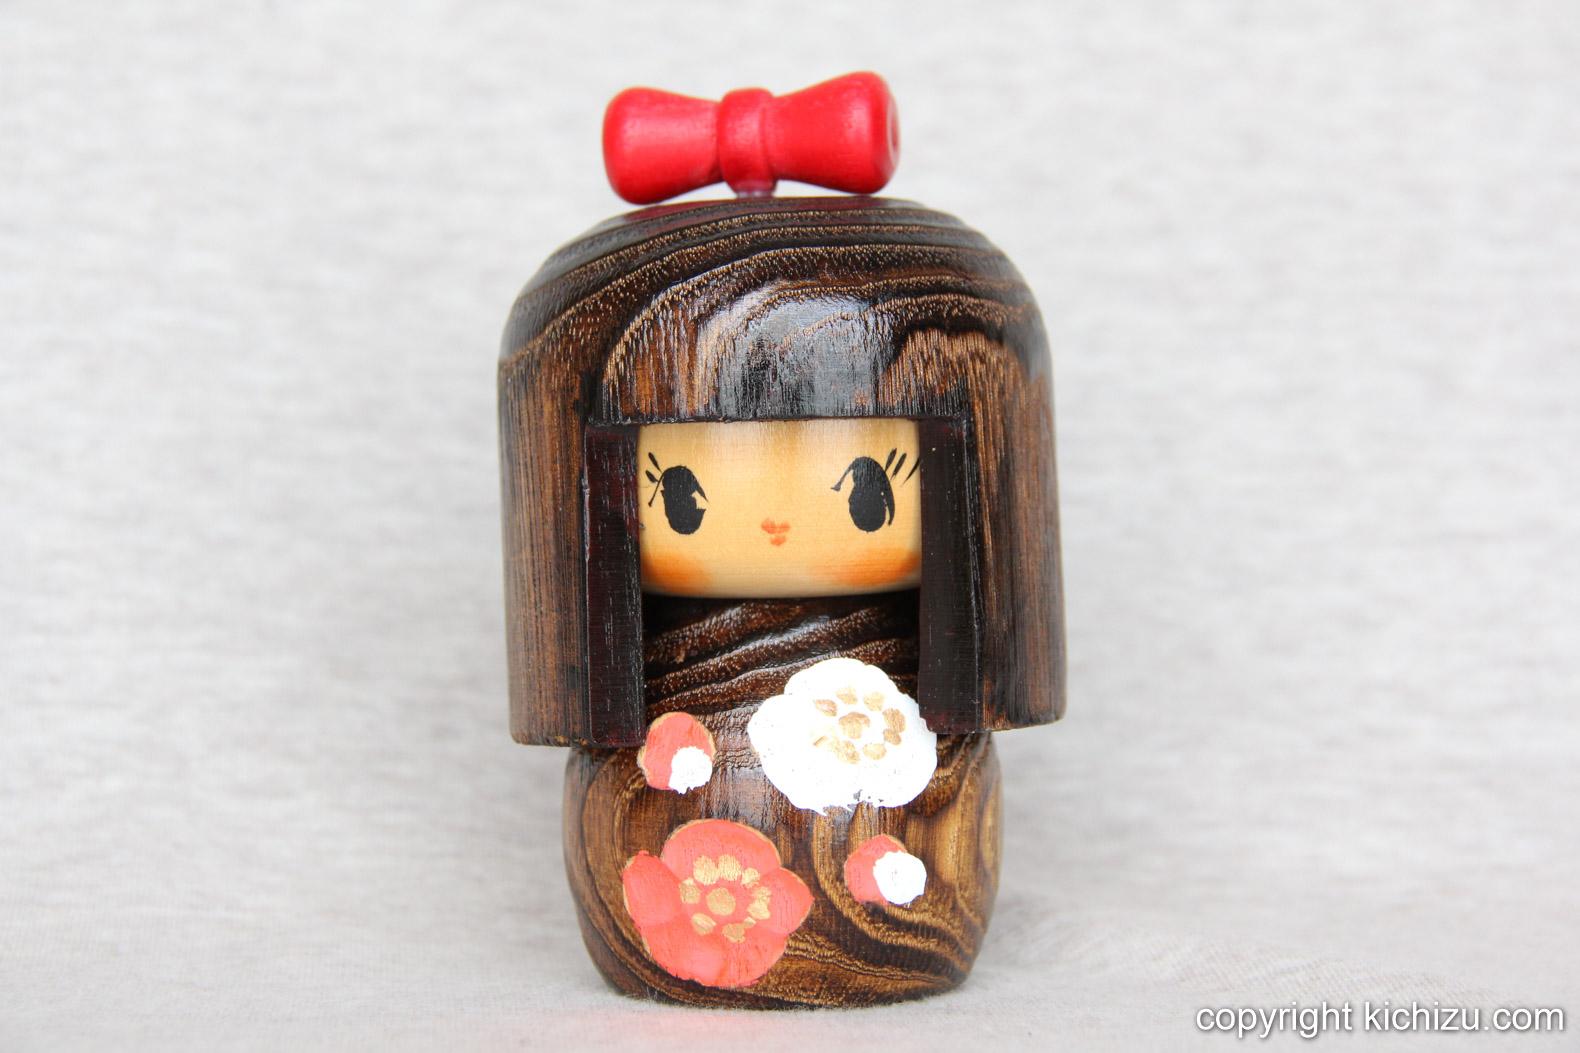 リボンを付けた女の子の木製人形